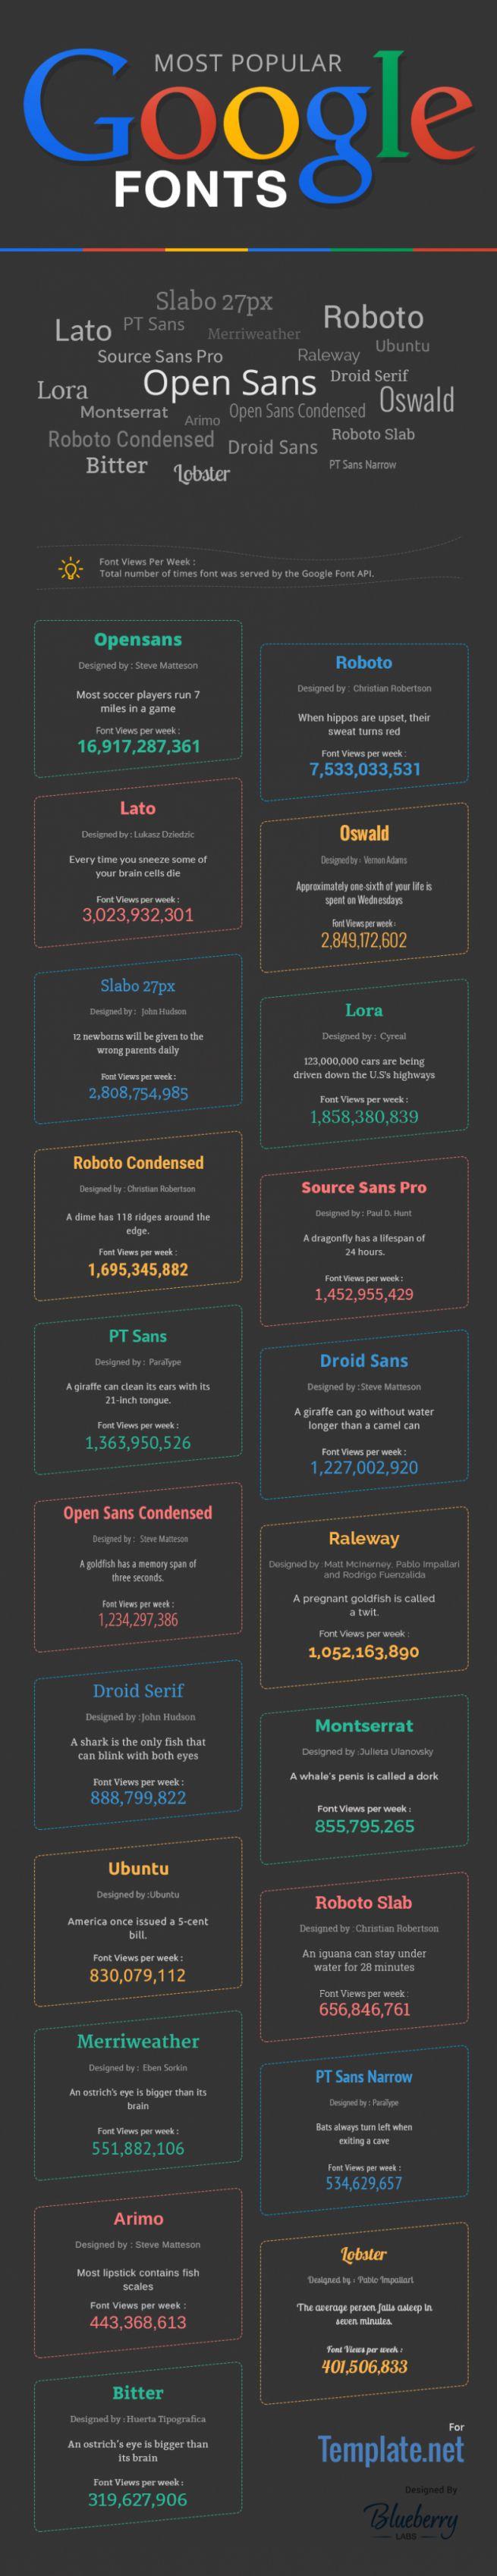 most popular google fonts #googlefonts2015